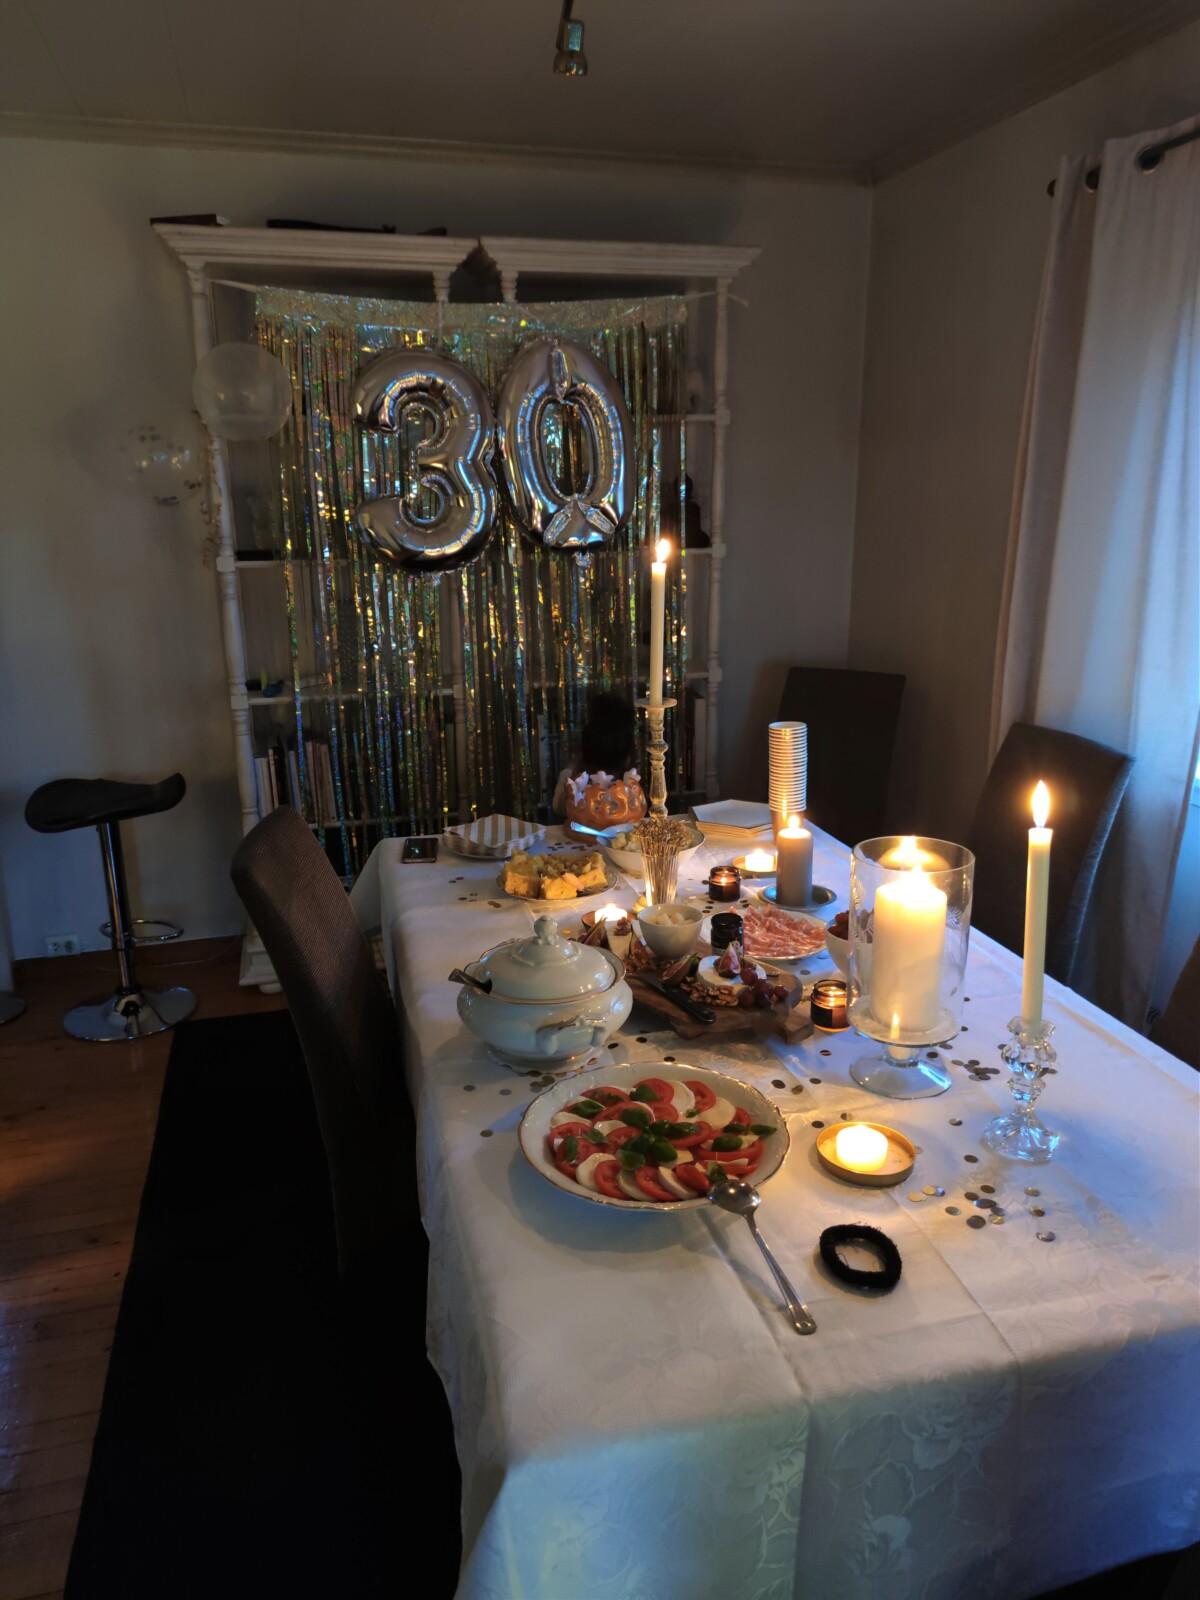 bursdag-30årsdag-bursdagselskap-30år-isalicious-isalicious1-look-sminke-antrekk-venner-30årslag-supriseparty-party-bestevenner-lykkelig-isalicious.blogg